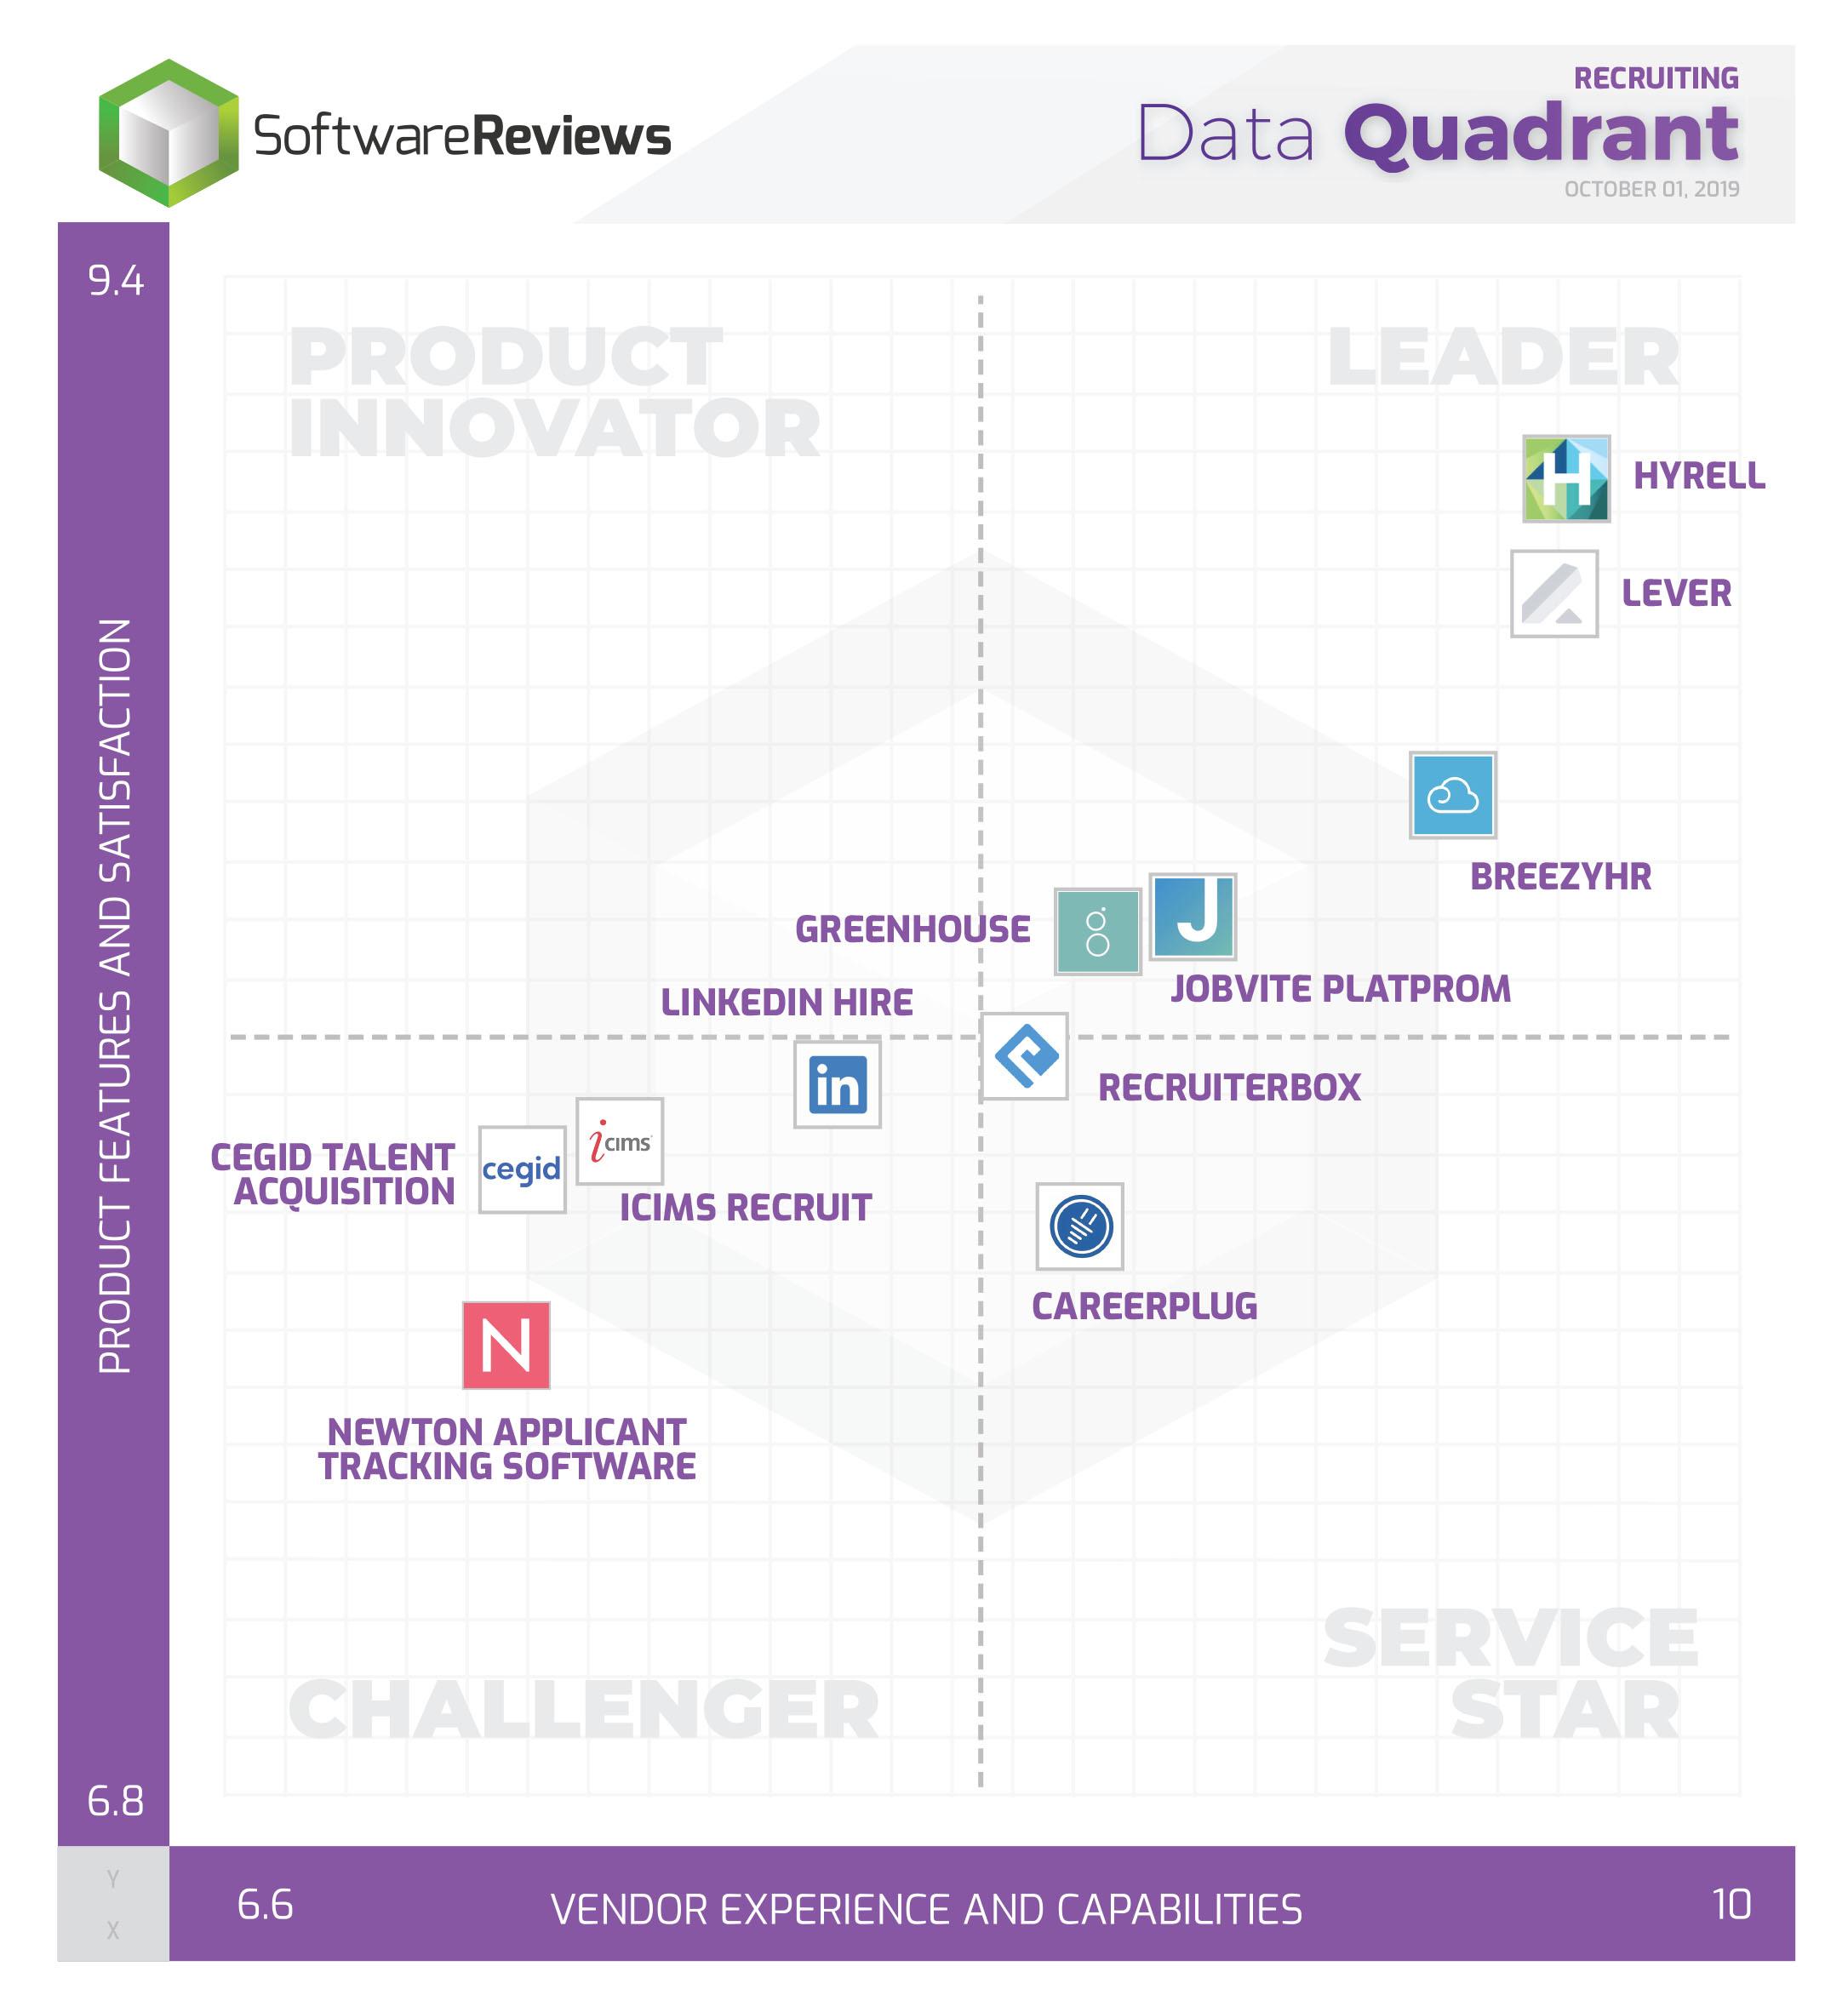 Recruiting Data Quadrant